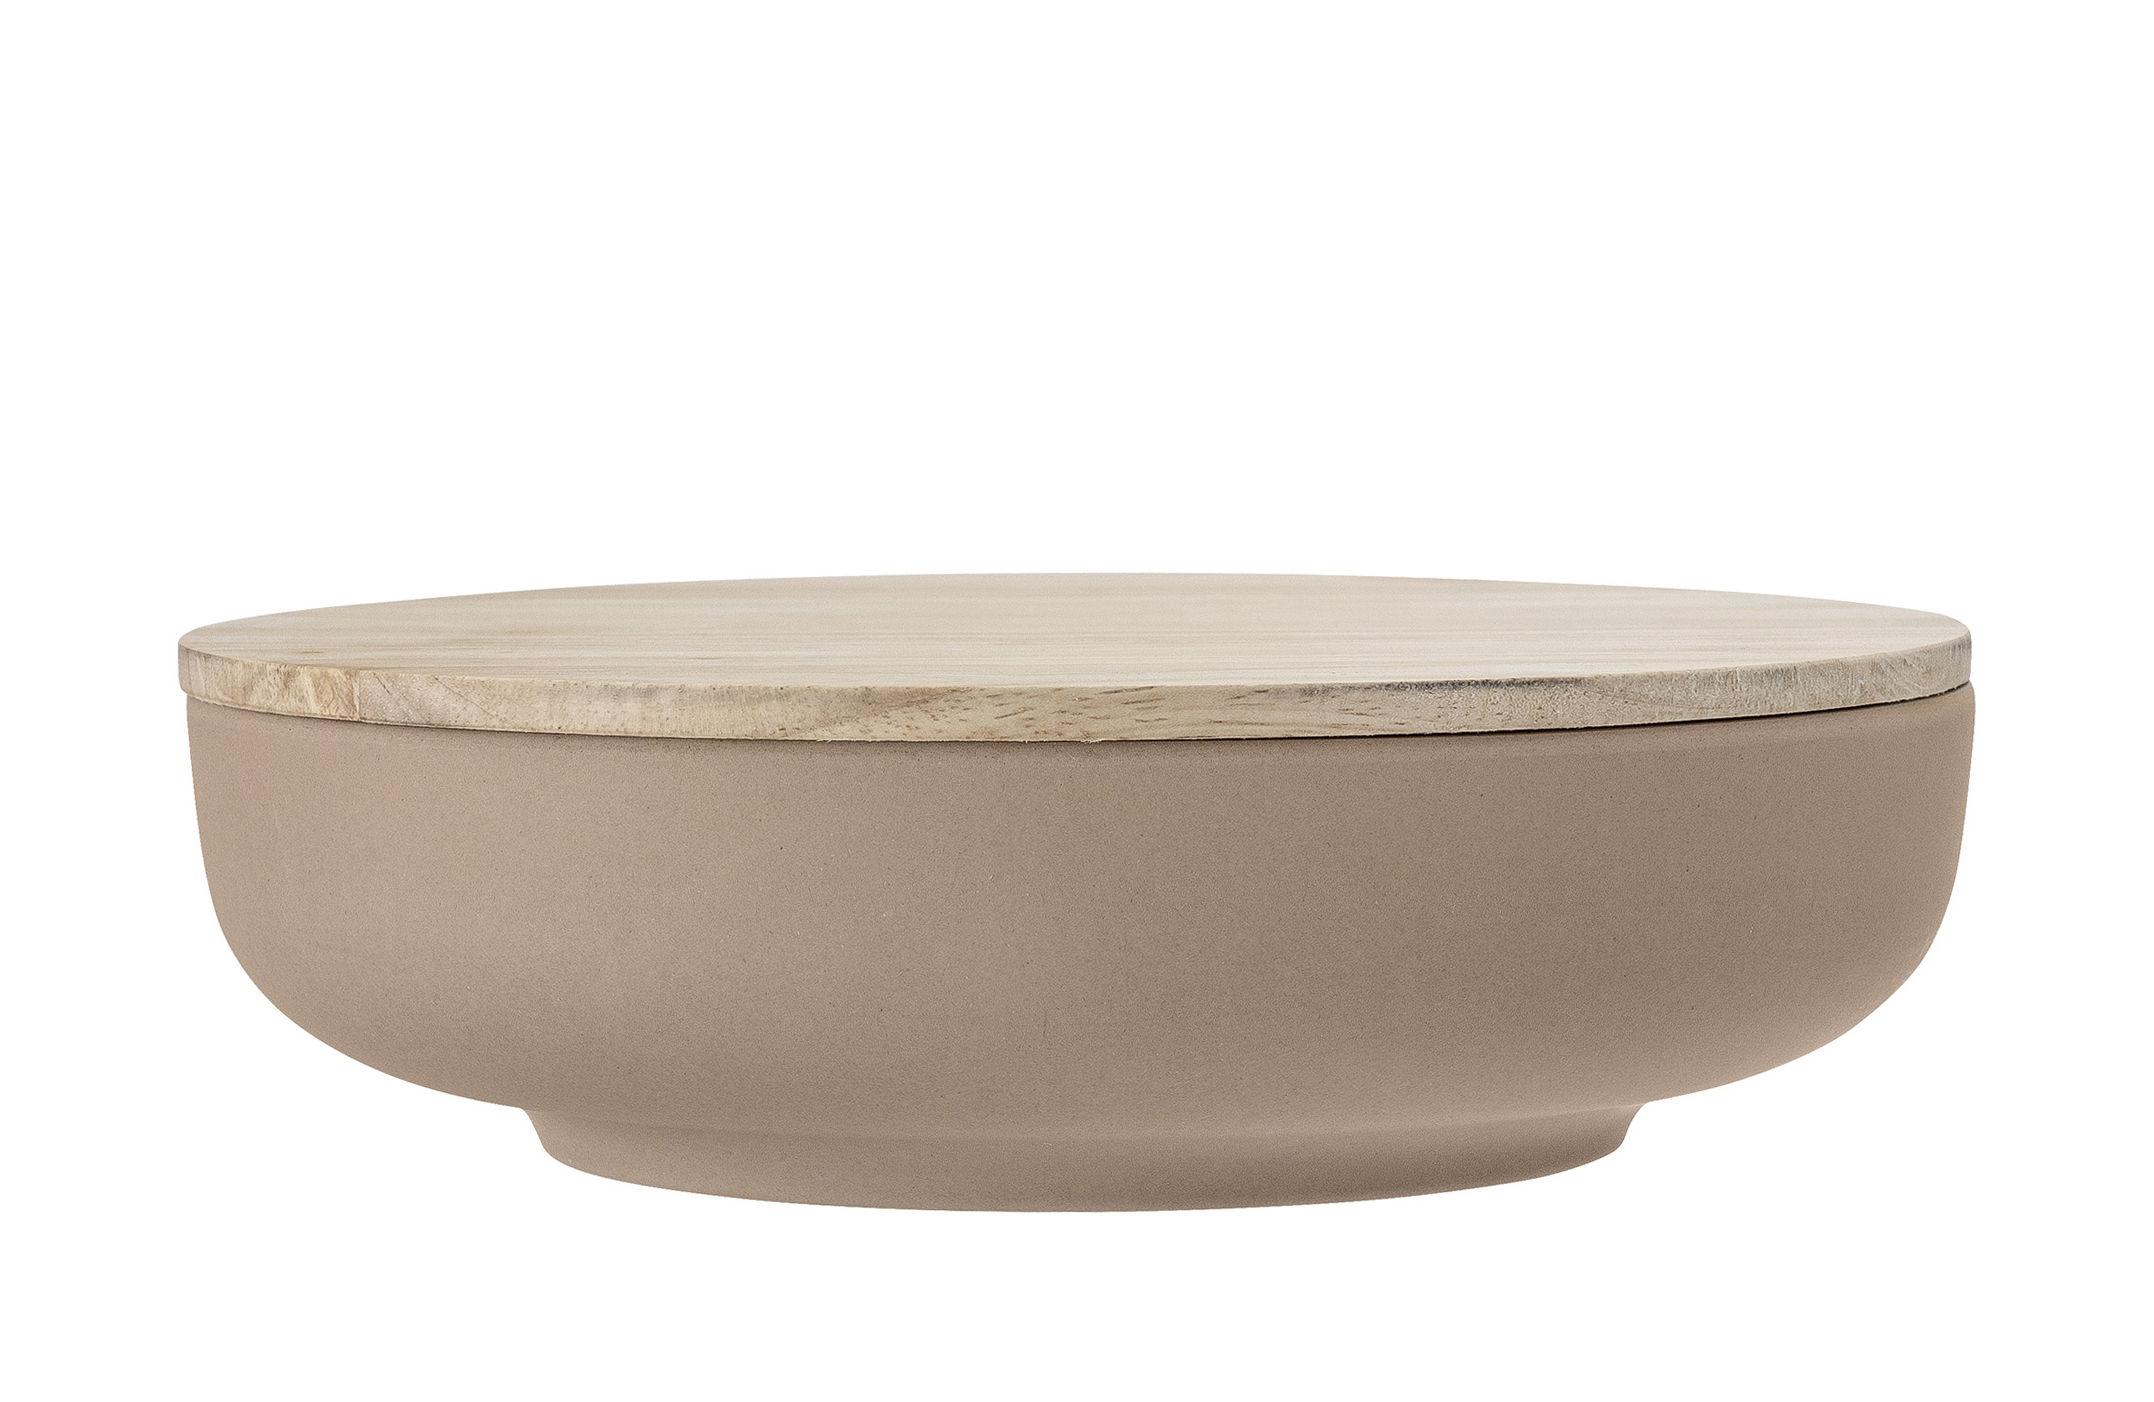 Tavola - Ciotole - Contenant Java - / Con coperchio - Ø 25,5 cm di Bloomingville - Marrone / Legno - Fibra di bambù, Legno